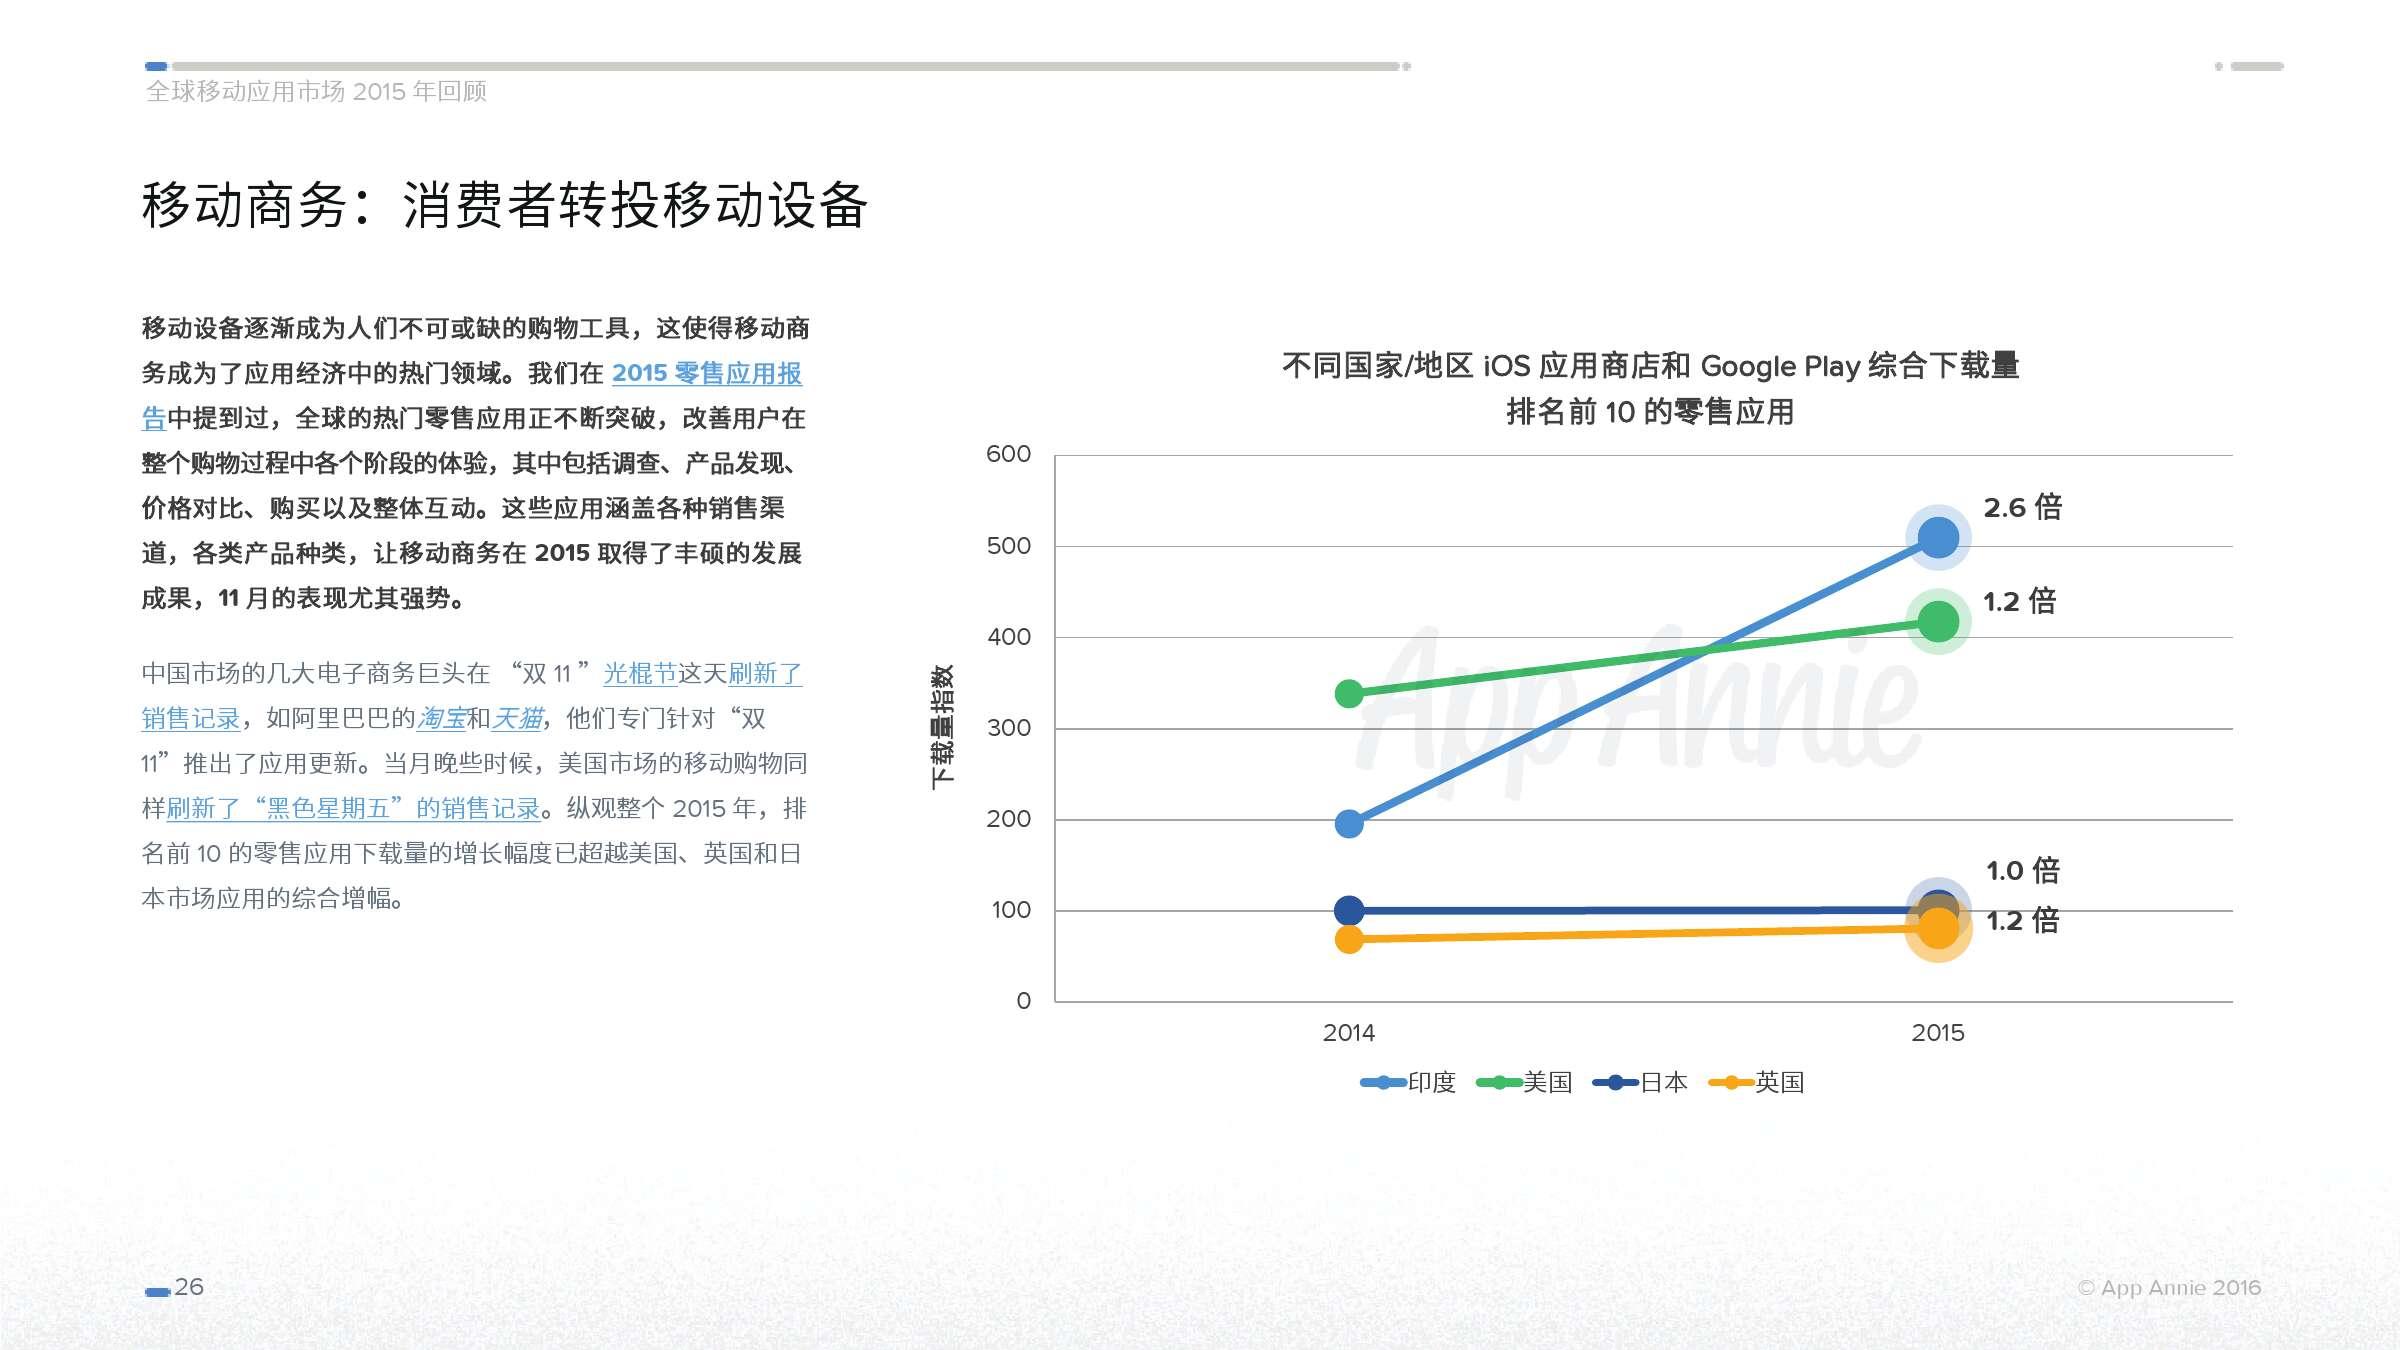 App Annie:2015 年全球移动应用市场回顾